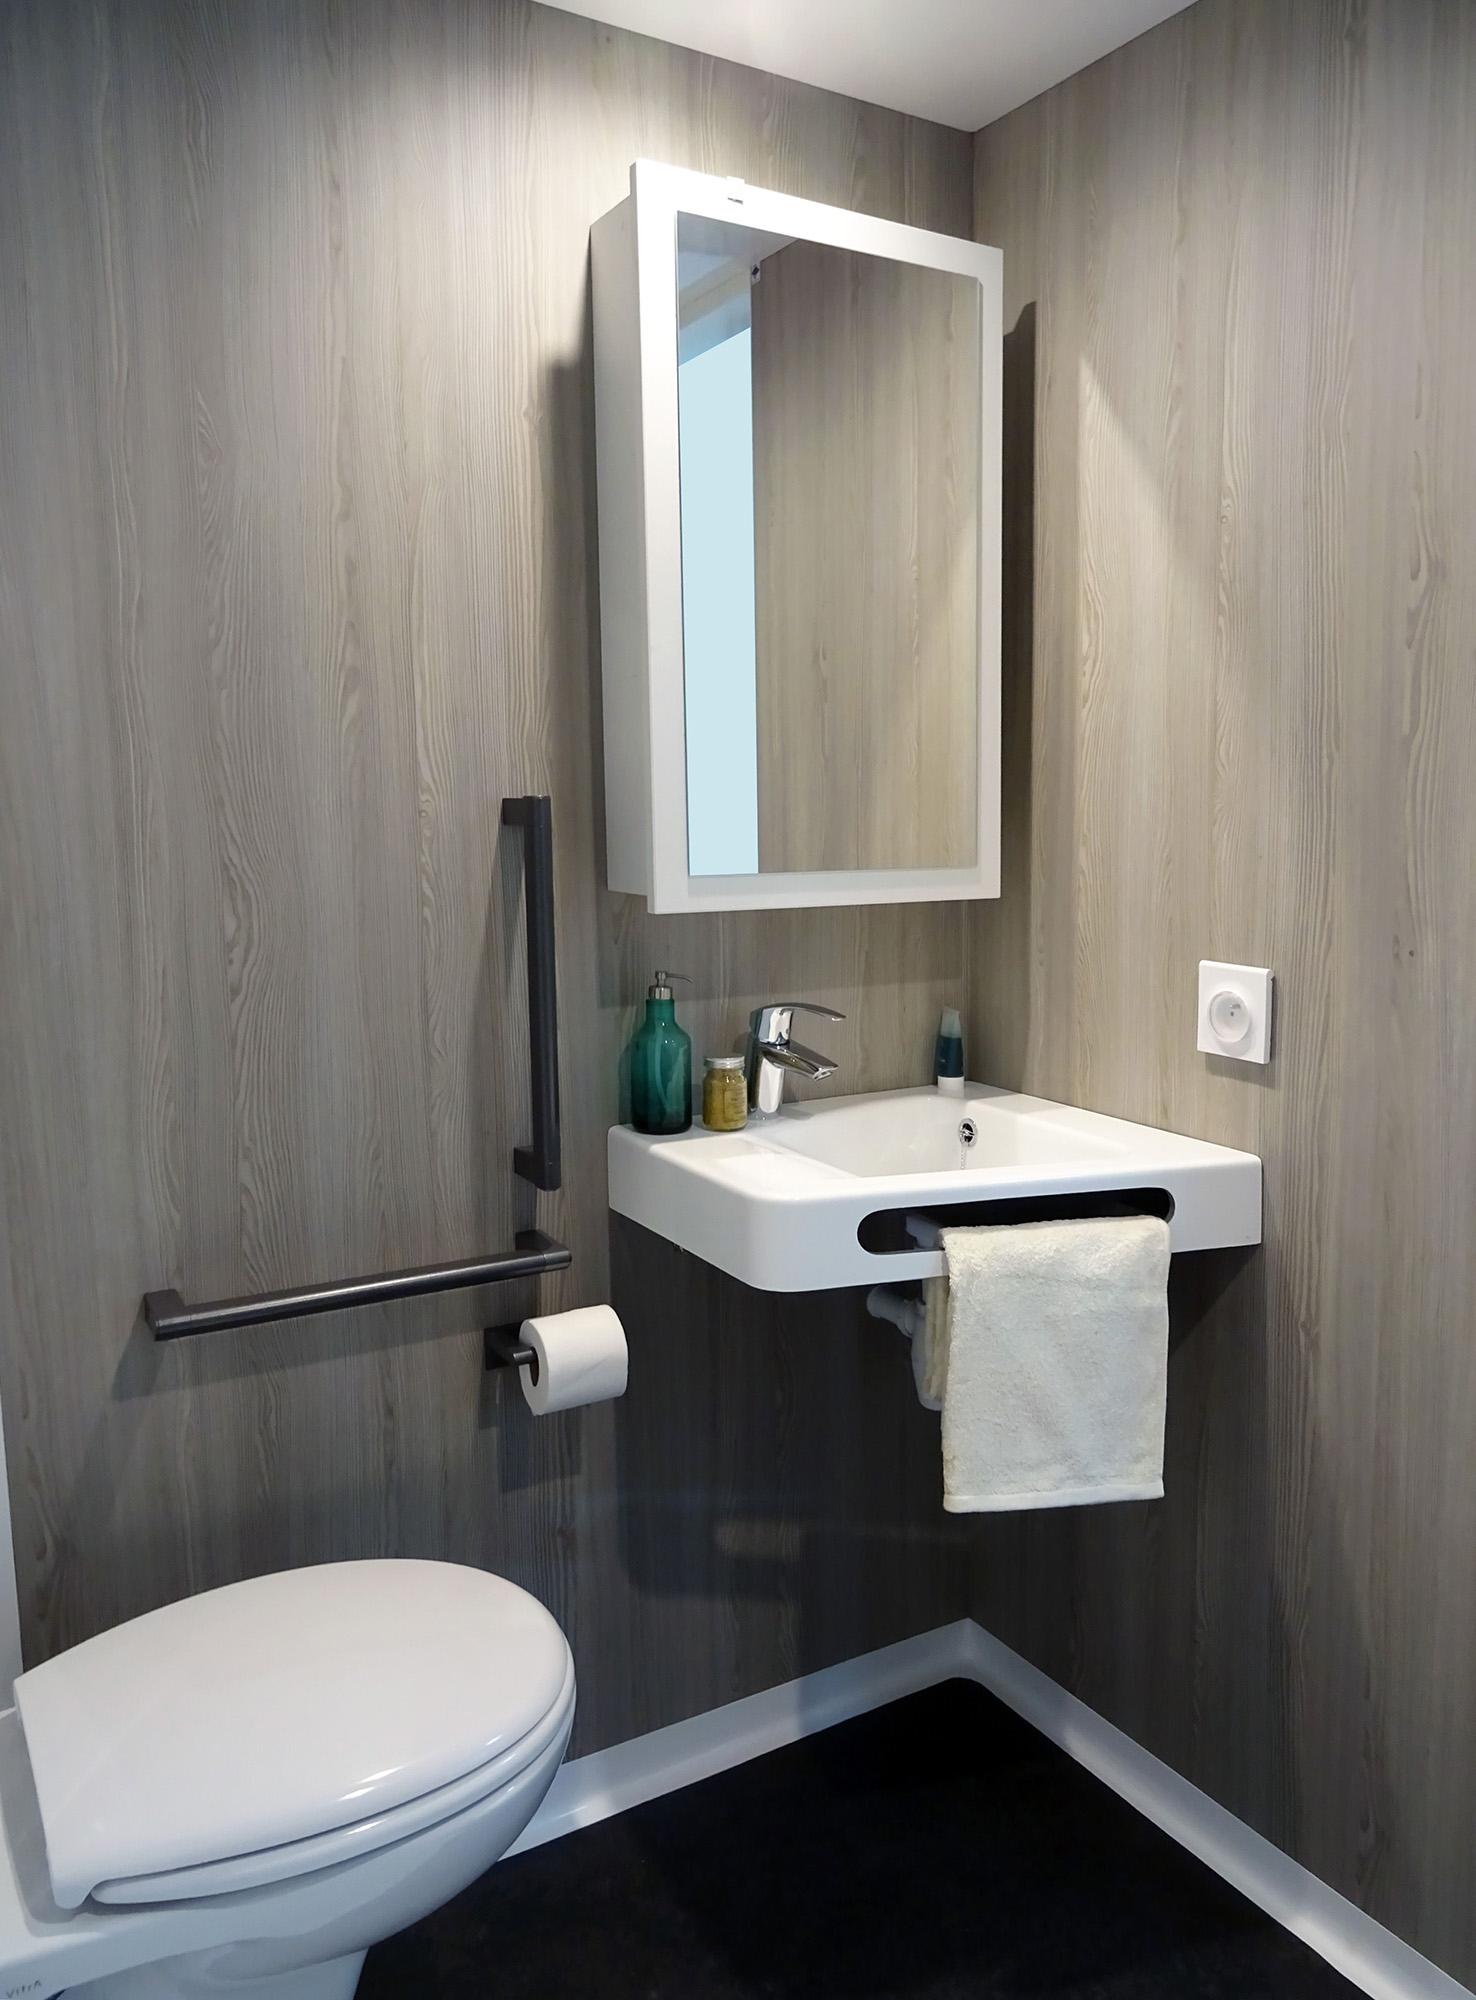 ایده طراحی سرویس بهداشتی کم جا دیوار طرح چوب کف مشکی